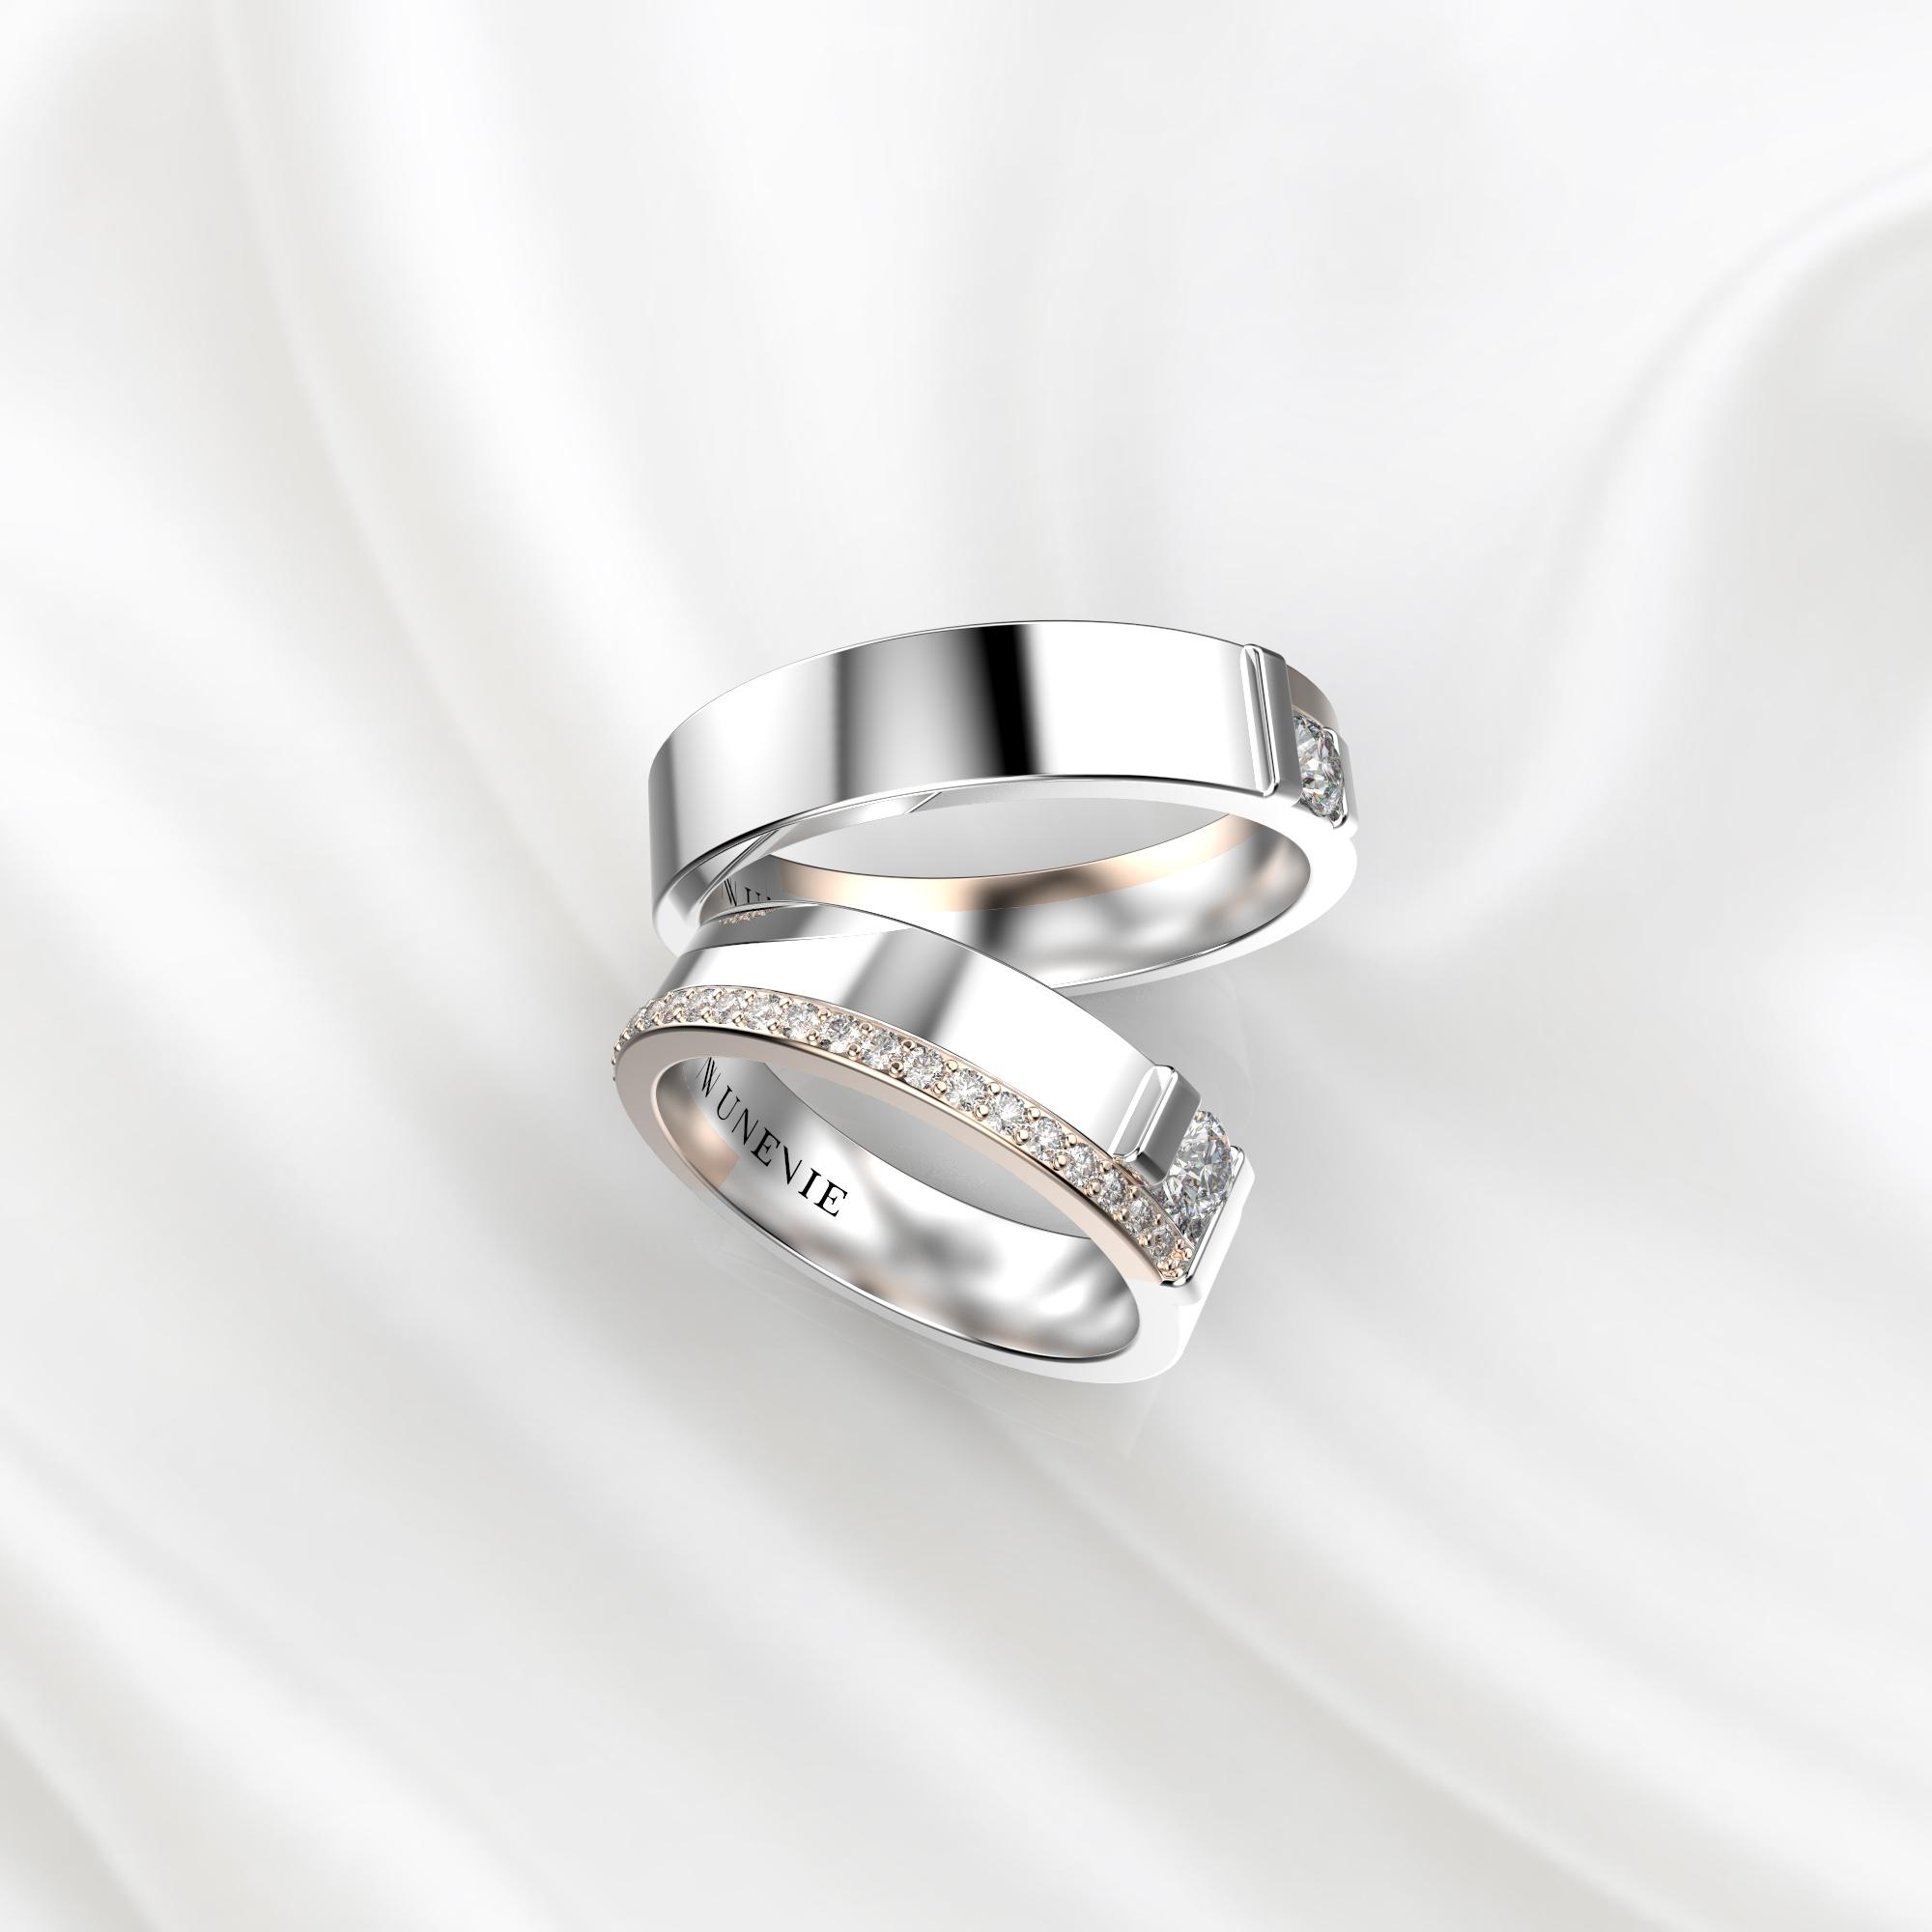 NV71 Парные обручальные кольца из бело-розового золота с бриллиантами